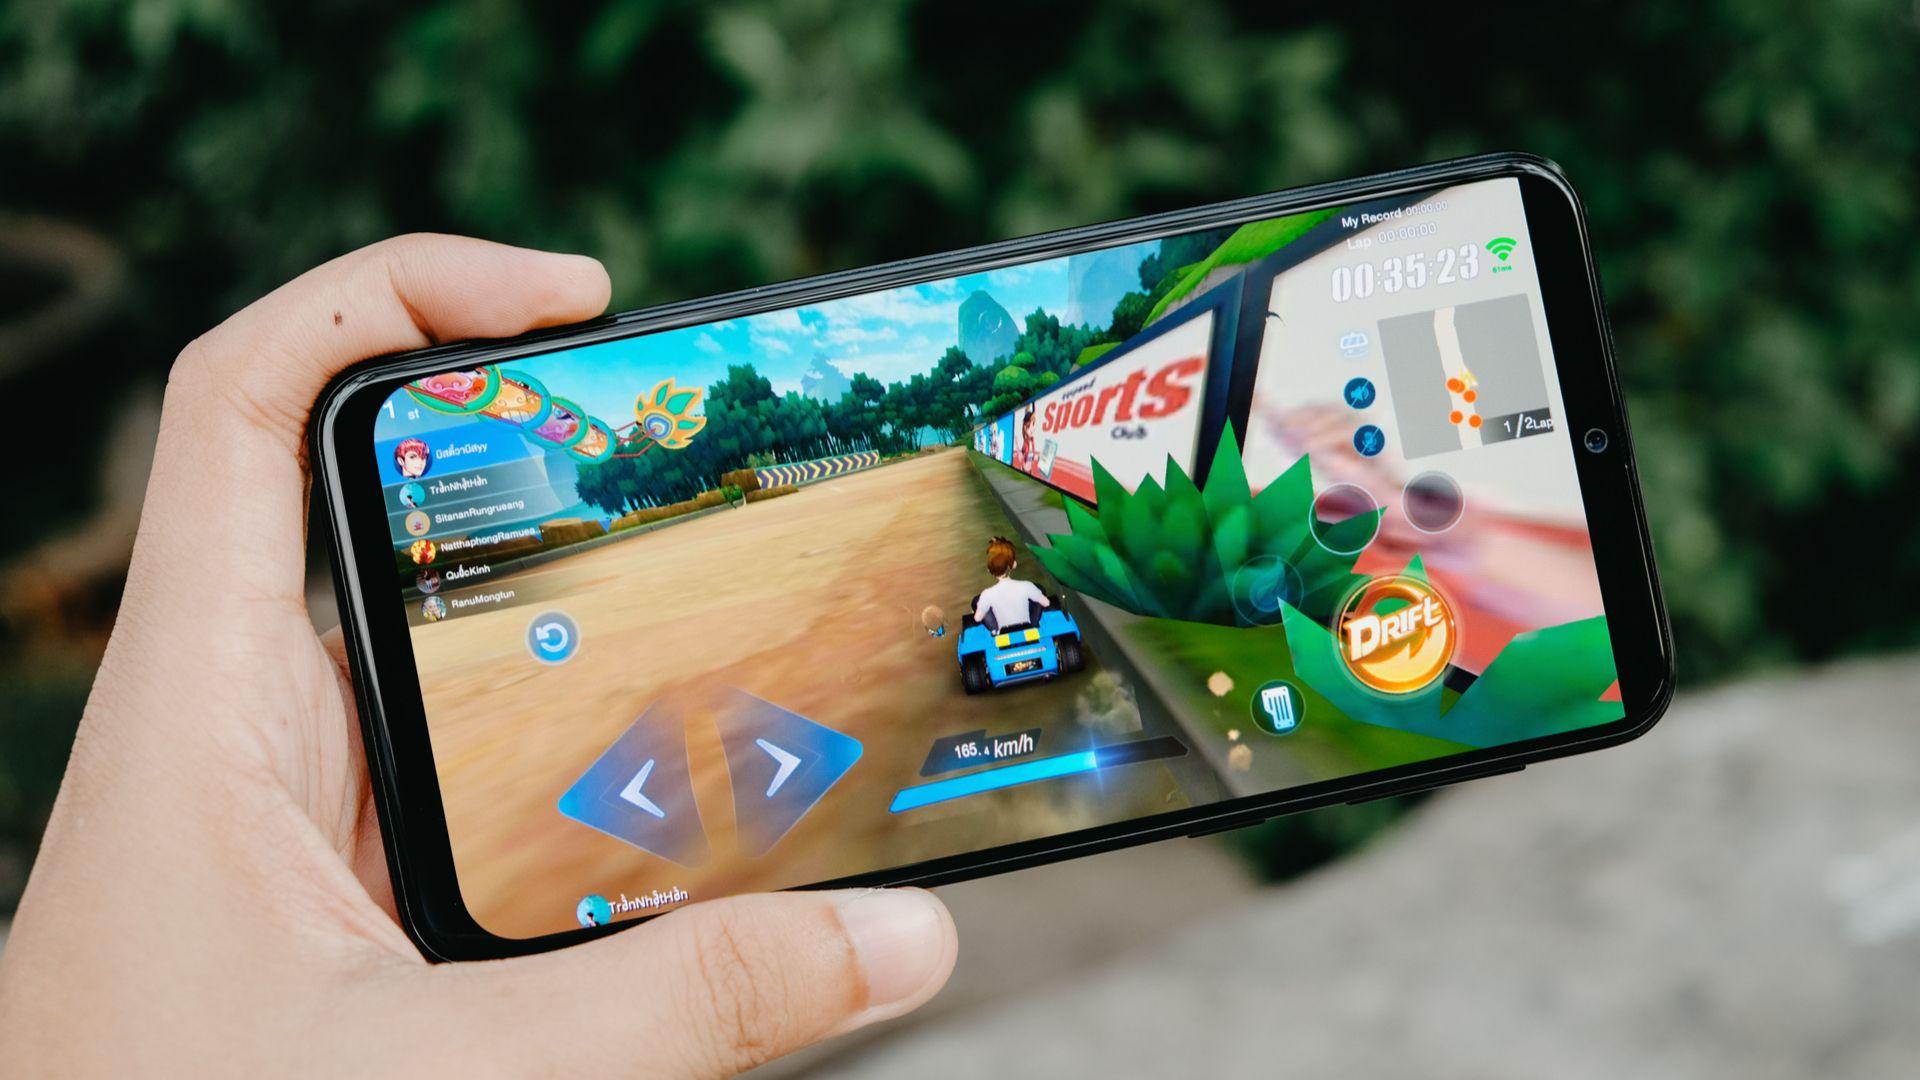 Galaxy M31 ganha variante com 8 GB e promete desempenho mais fluido. (Imagem: Framesira/Shutterstock)